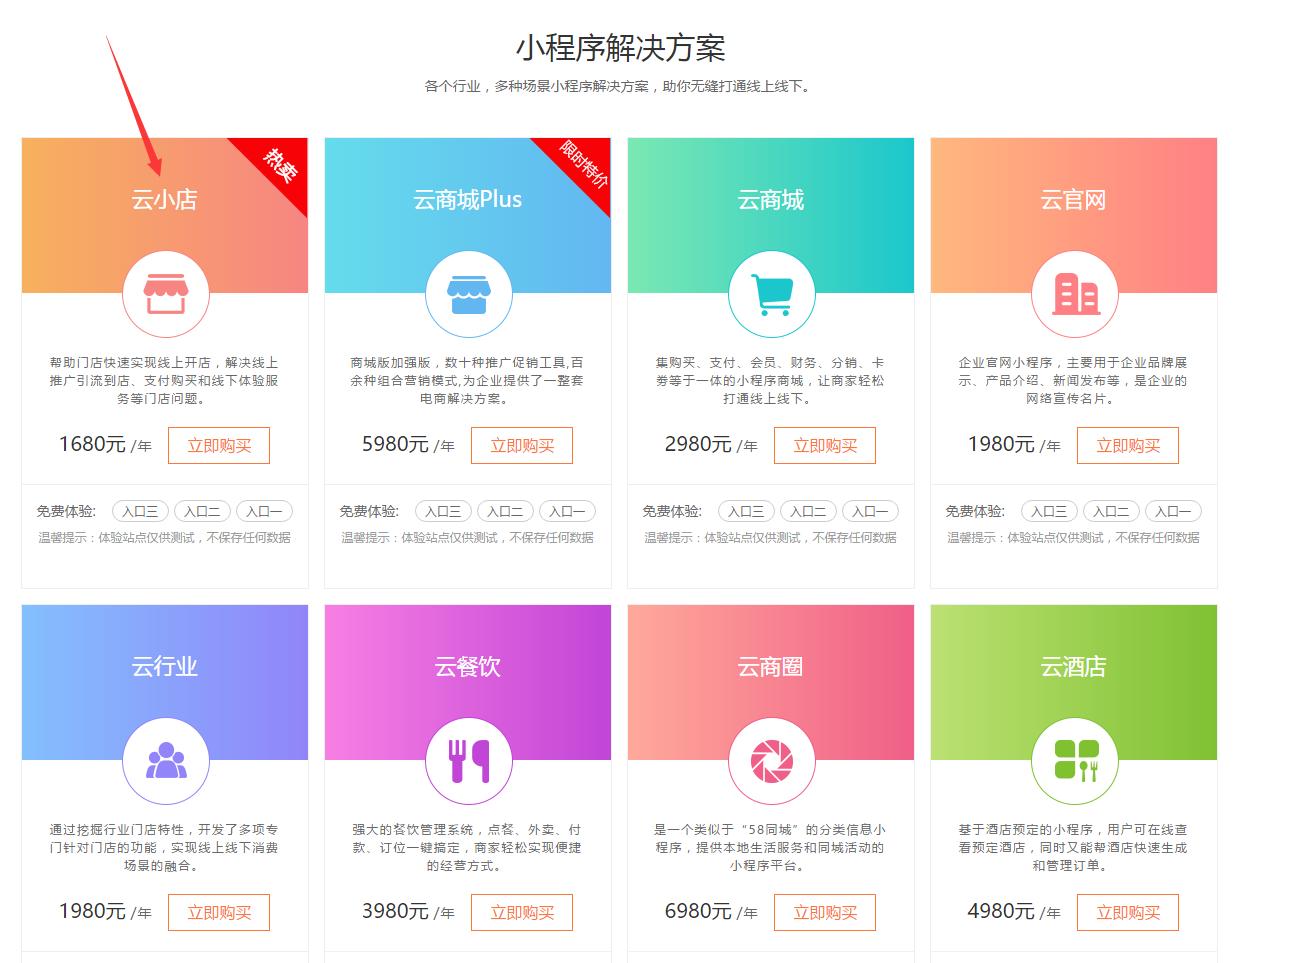 云小店版微信小程序限时促销活动中